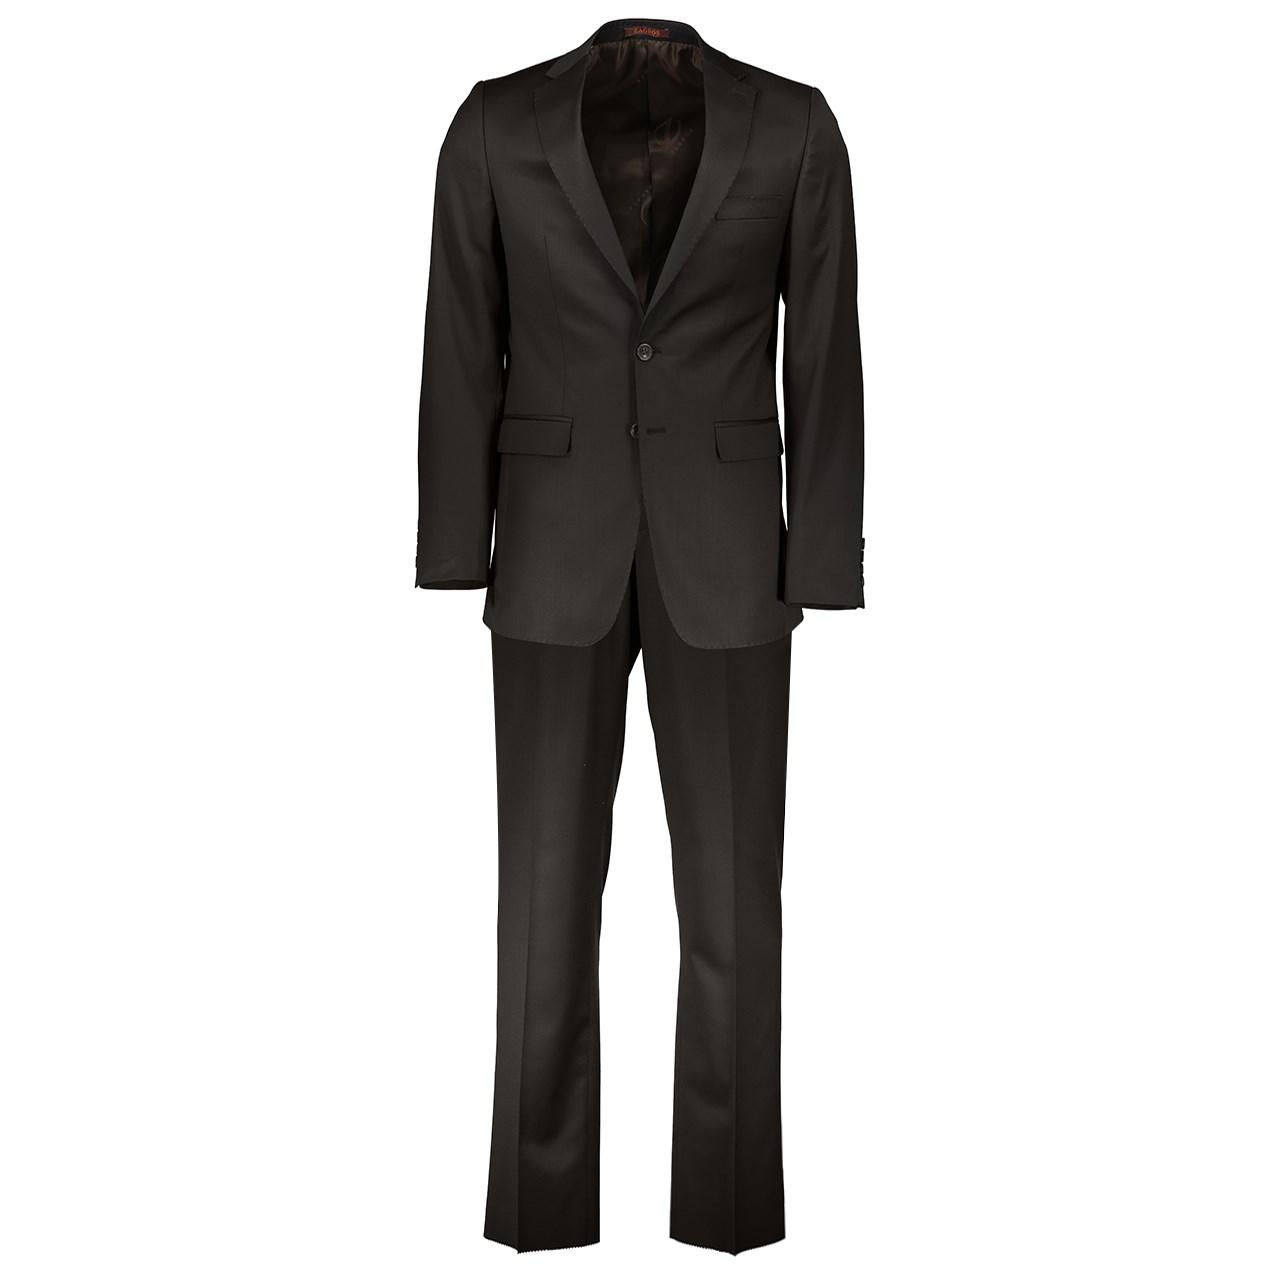 کت و شلوار مردانه زاگرس پوش کد 110003192